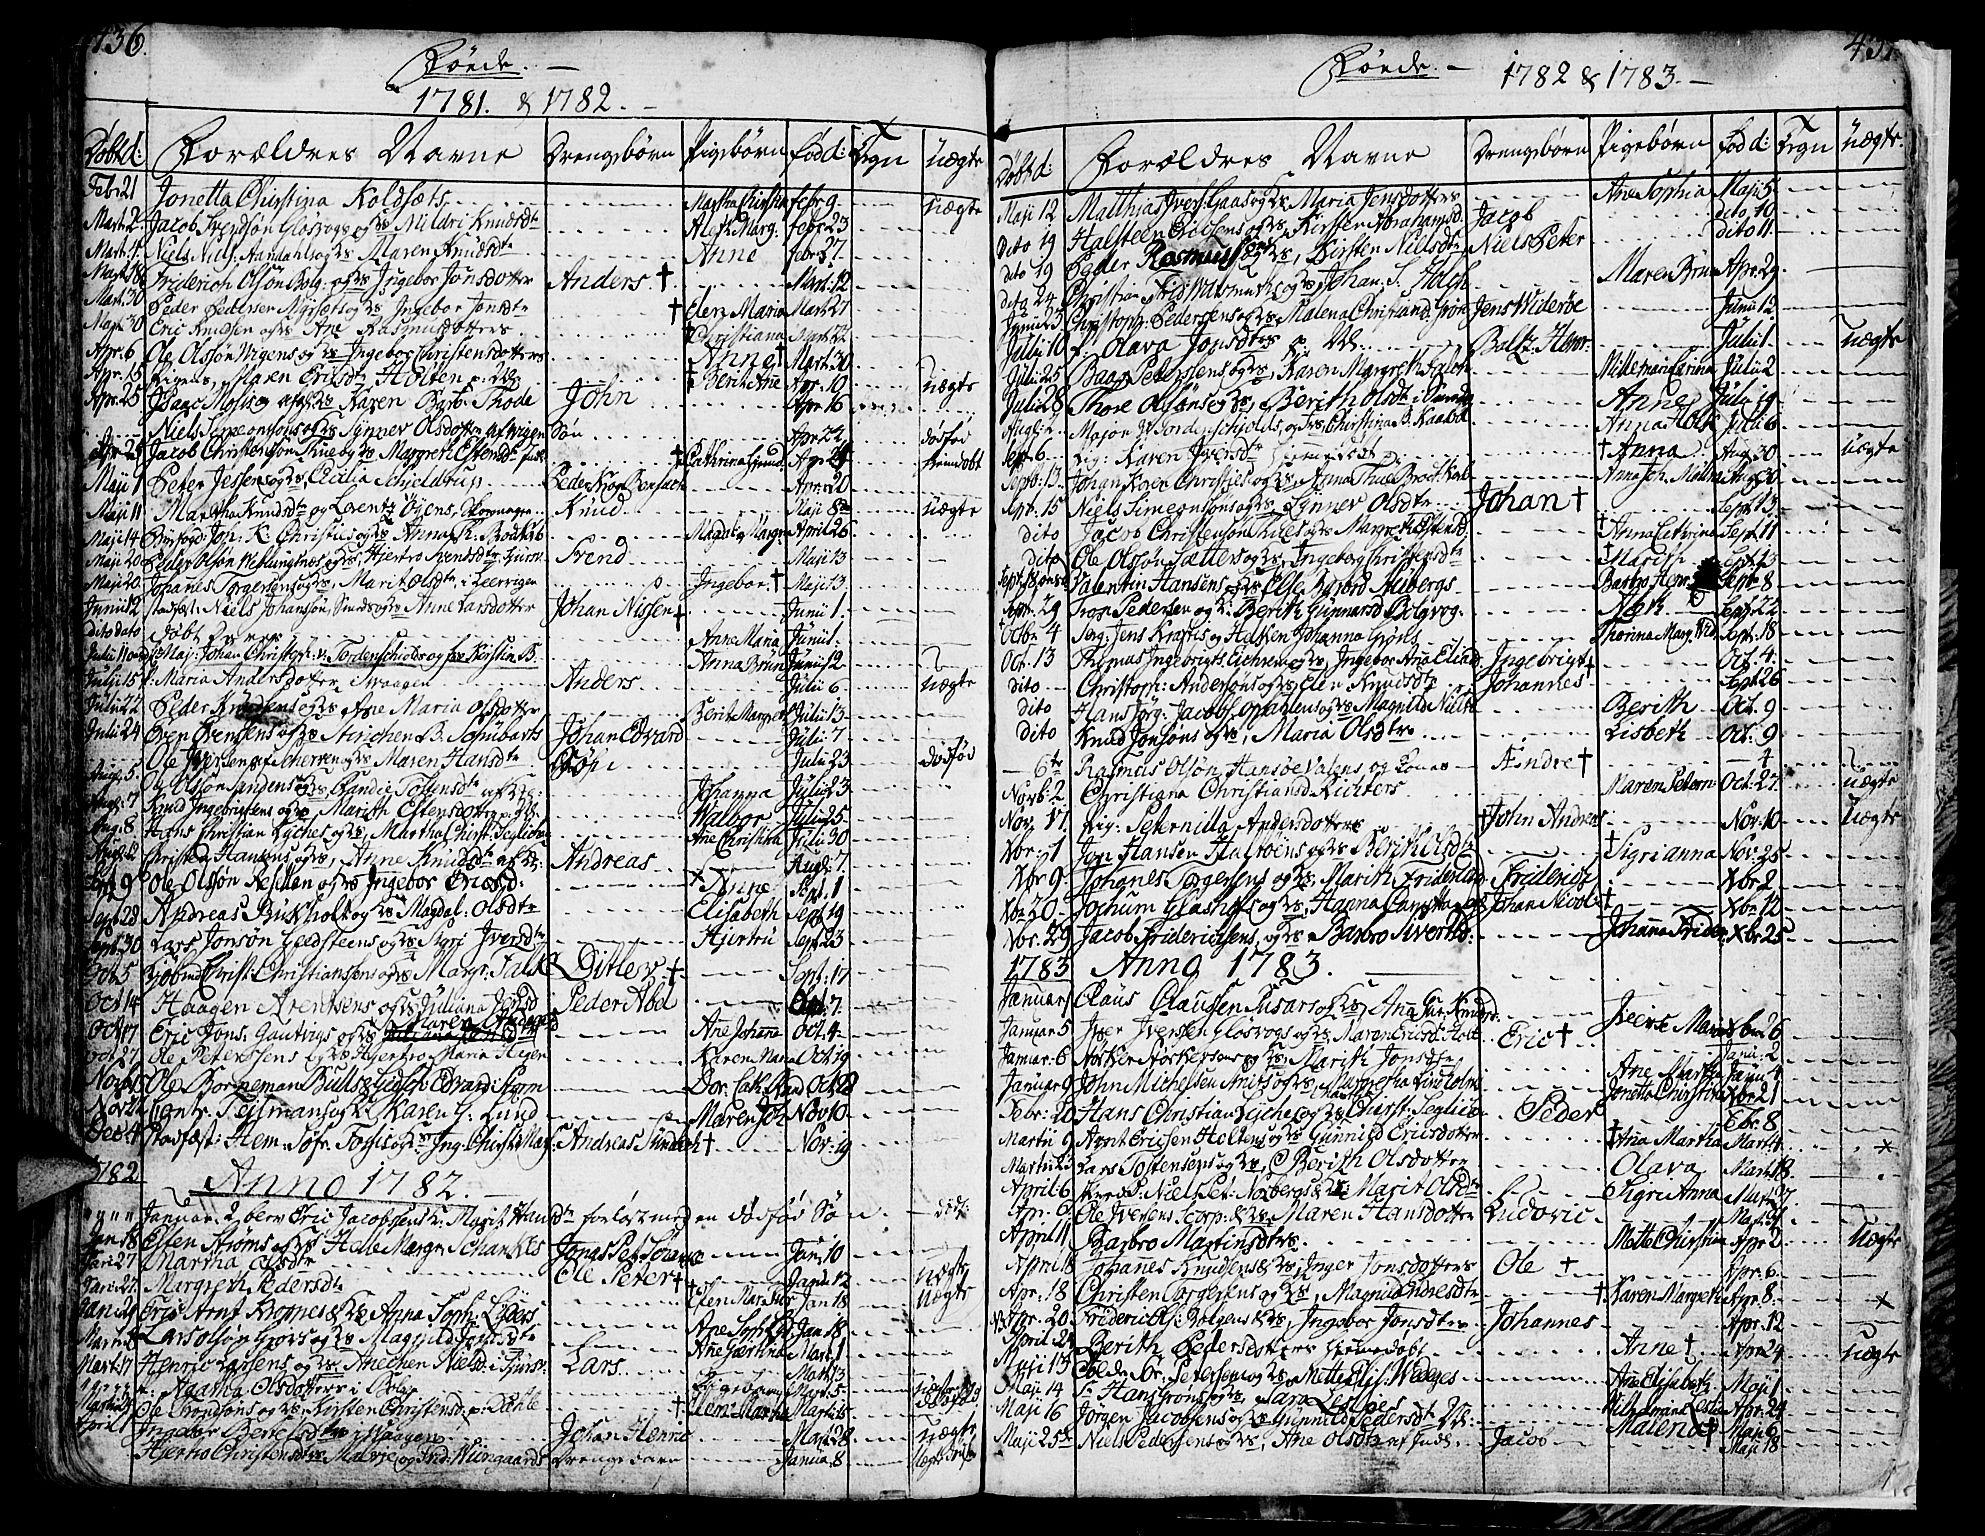 SAT, Ministerialprotokoller, klokkerbøker og fødselsregistre - Møre og Romsdal, 572/L0840: Ministerialbok nr. 572A03, 1754-1784, s. 436-437